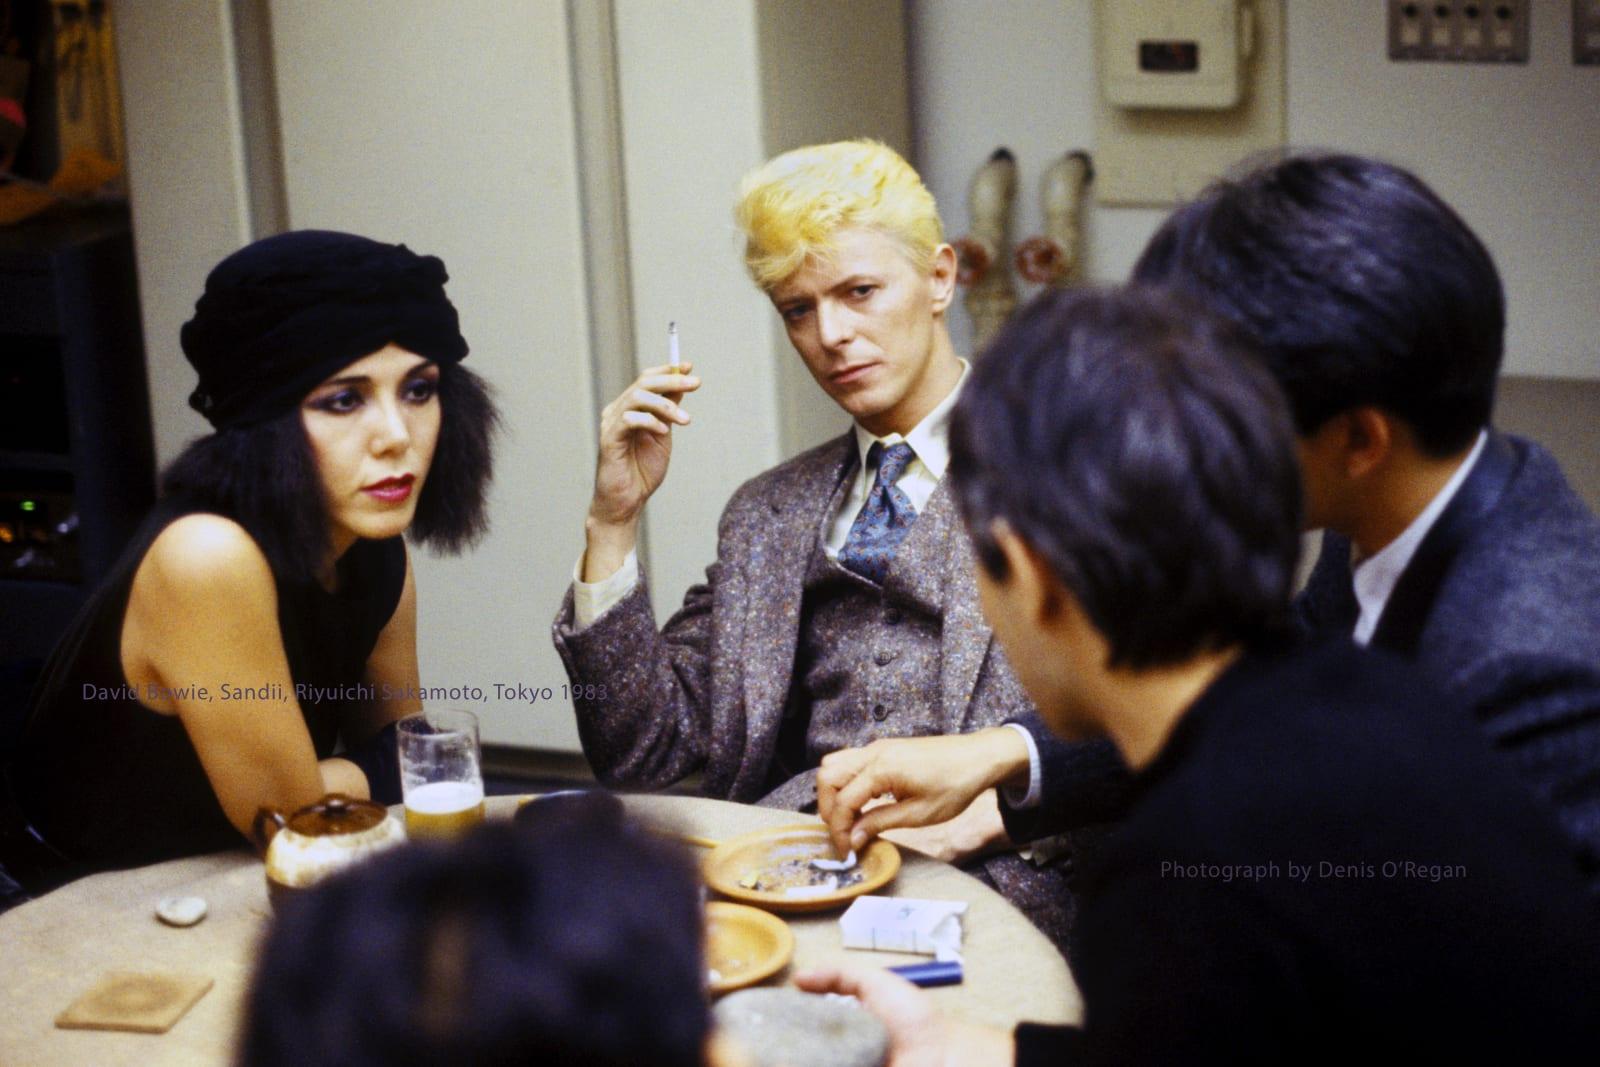 DAVID BOWIE, Bowie, Sandii, Riyuichi Sakamoto, 1983